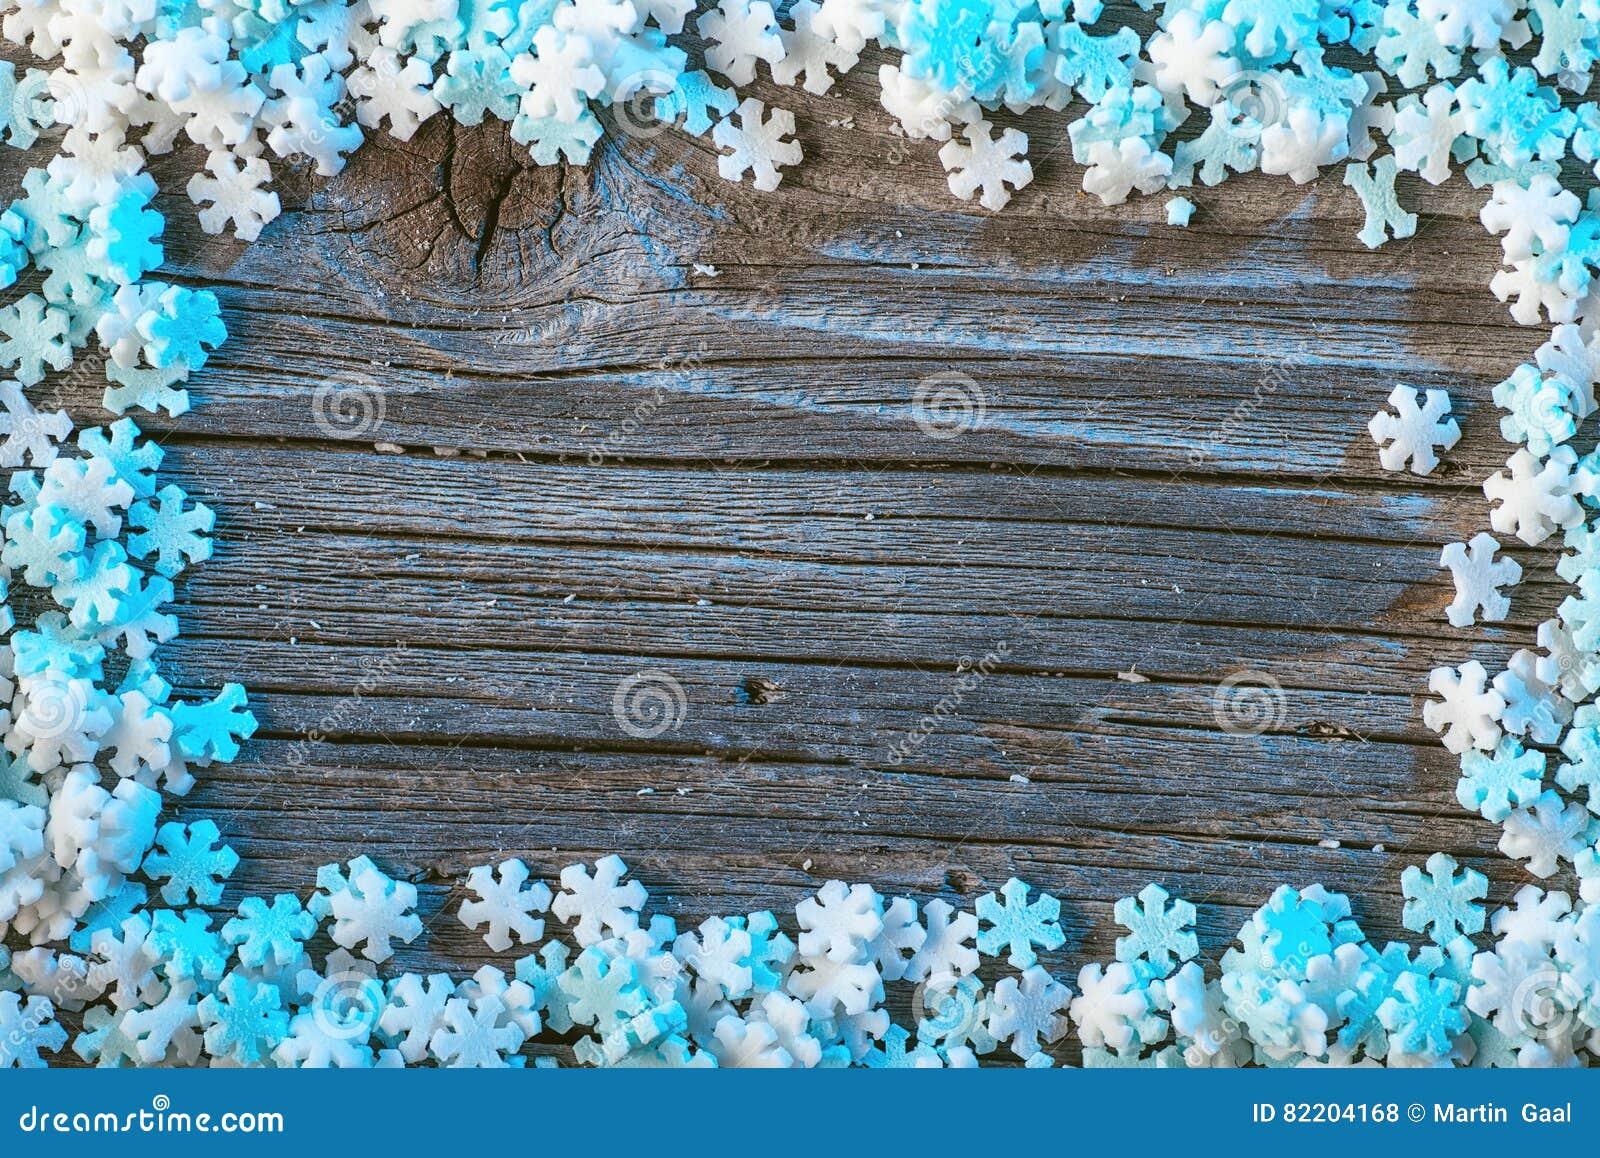 fond blanc et bleu d 39 hiver avec des flocons de neige sur le fond en bois papier peint de no l. Black Bedroom Furniture Sets. Home Design Ideas